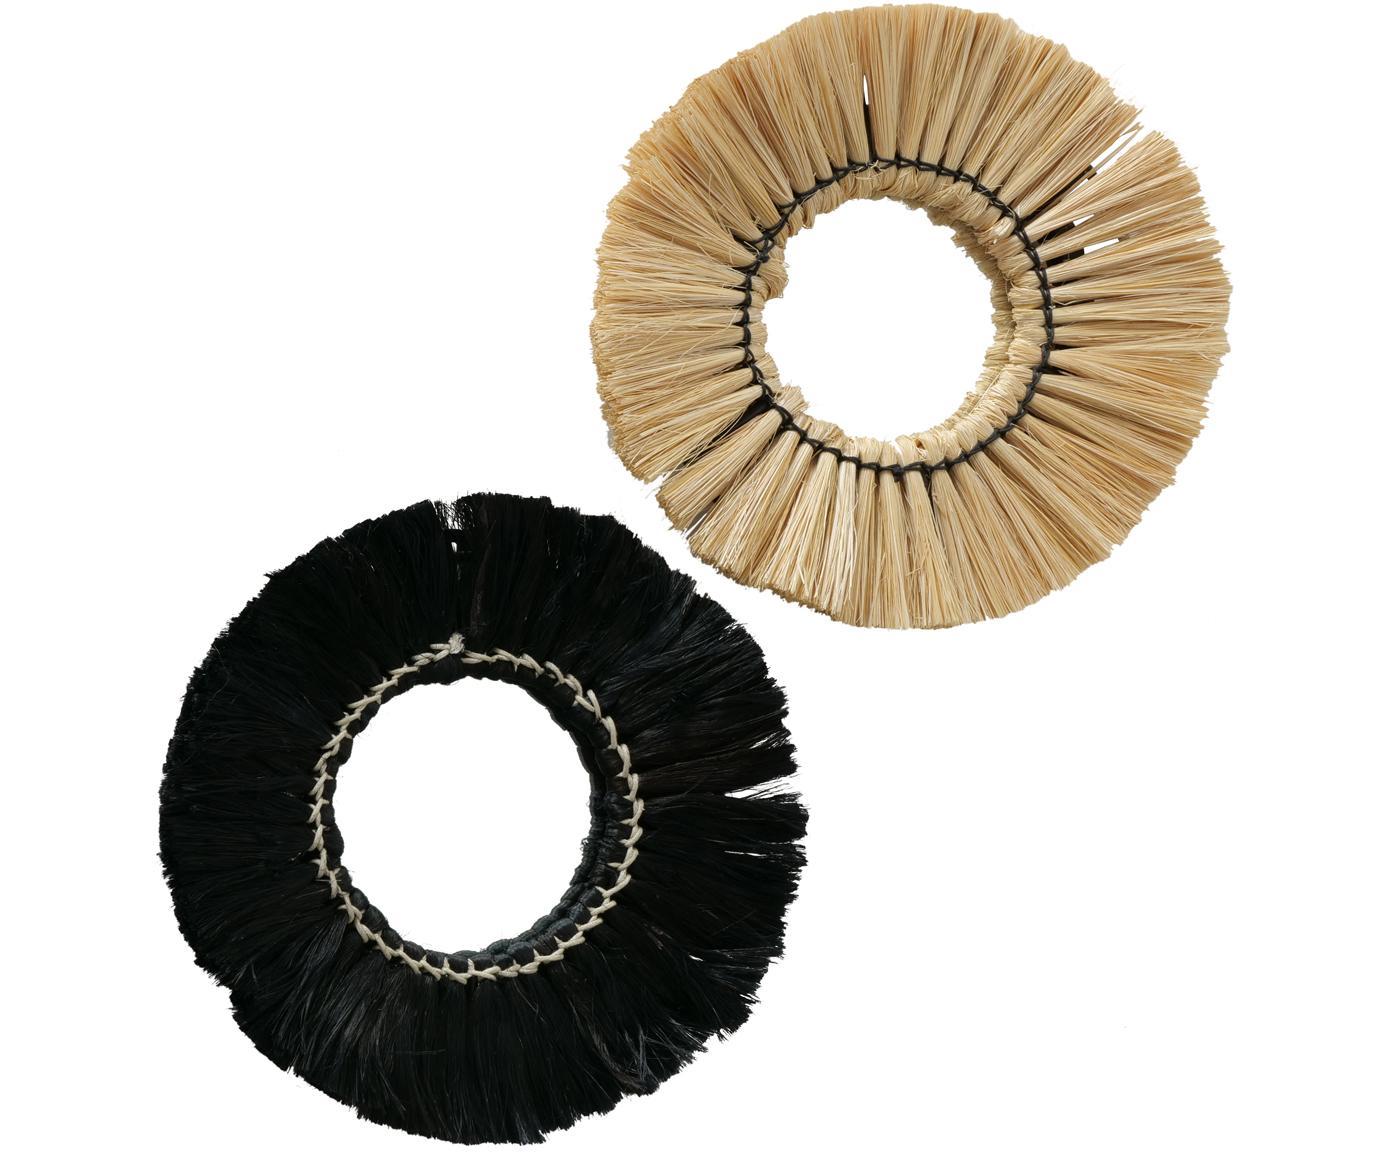 Set de espejos de pared redondos artesanales Mamesa, 2pzas., Metal, espejo de cristal, Negro, beige, Ø 25 cm